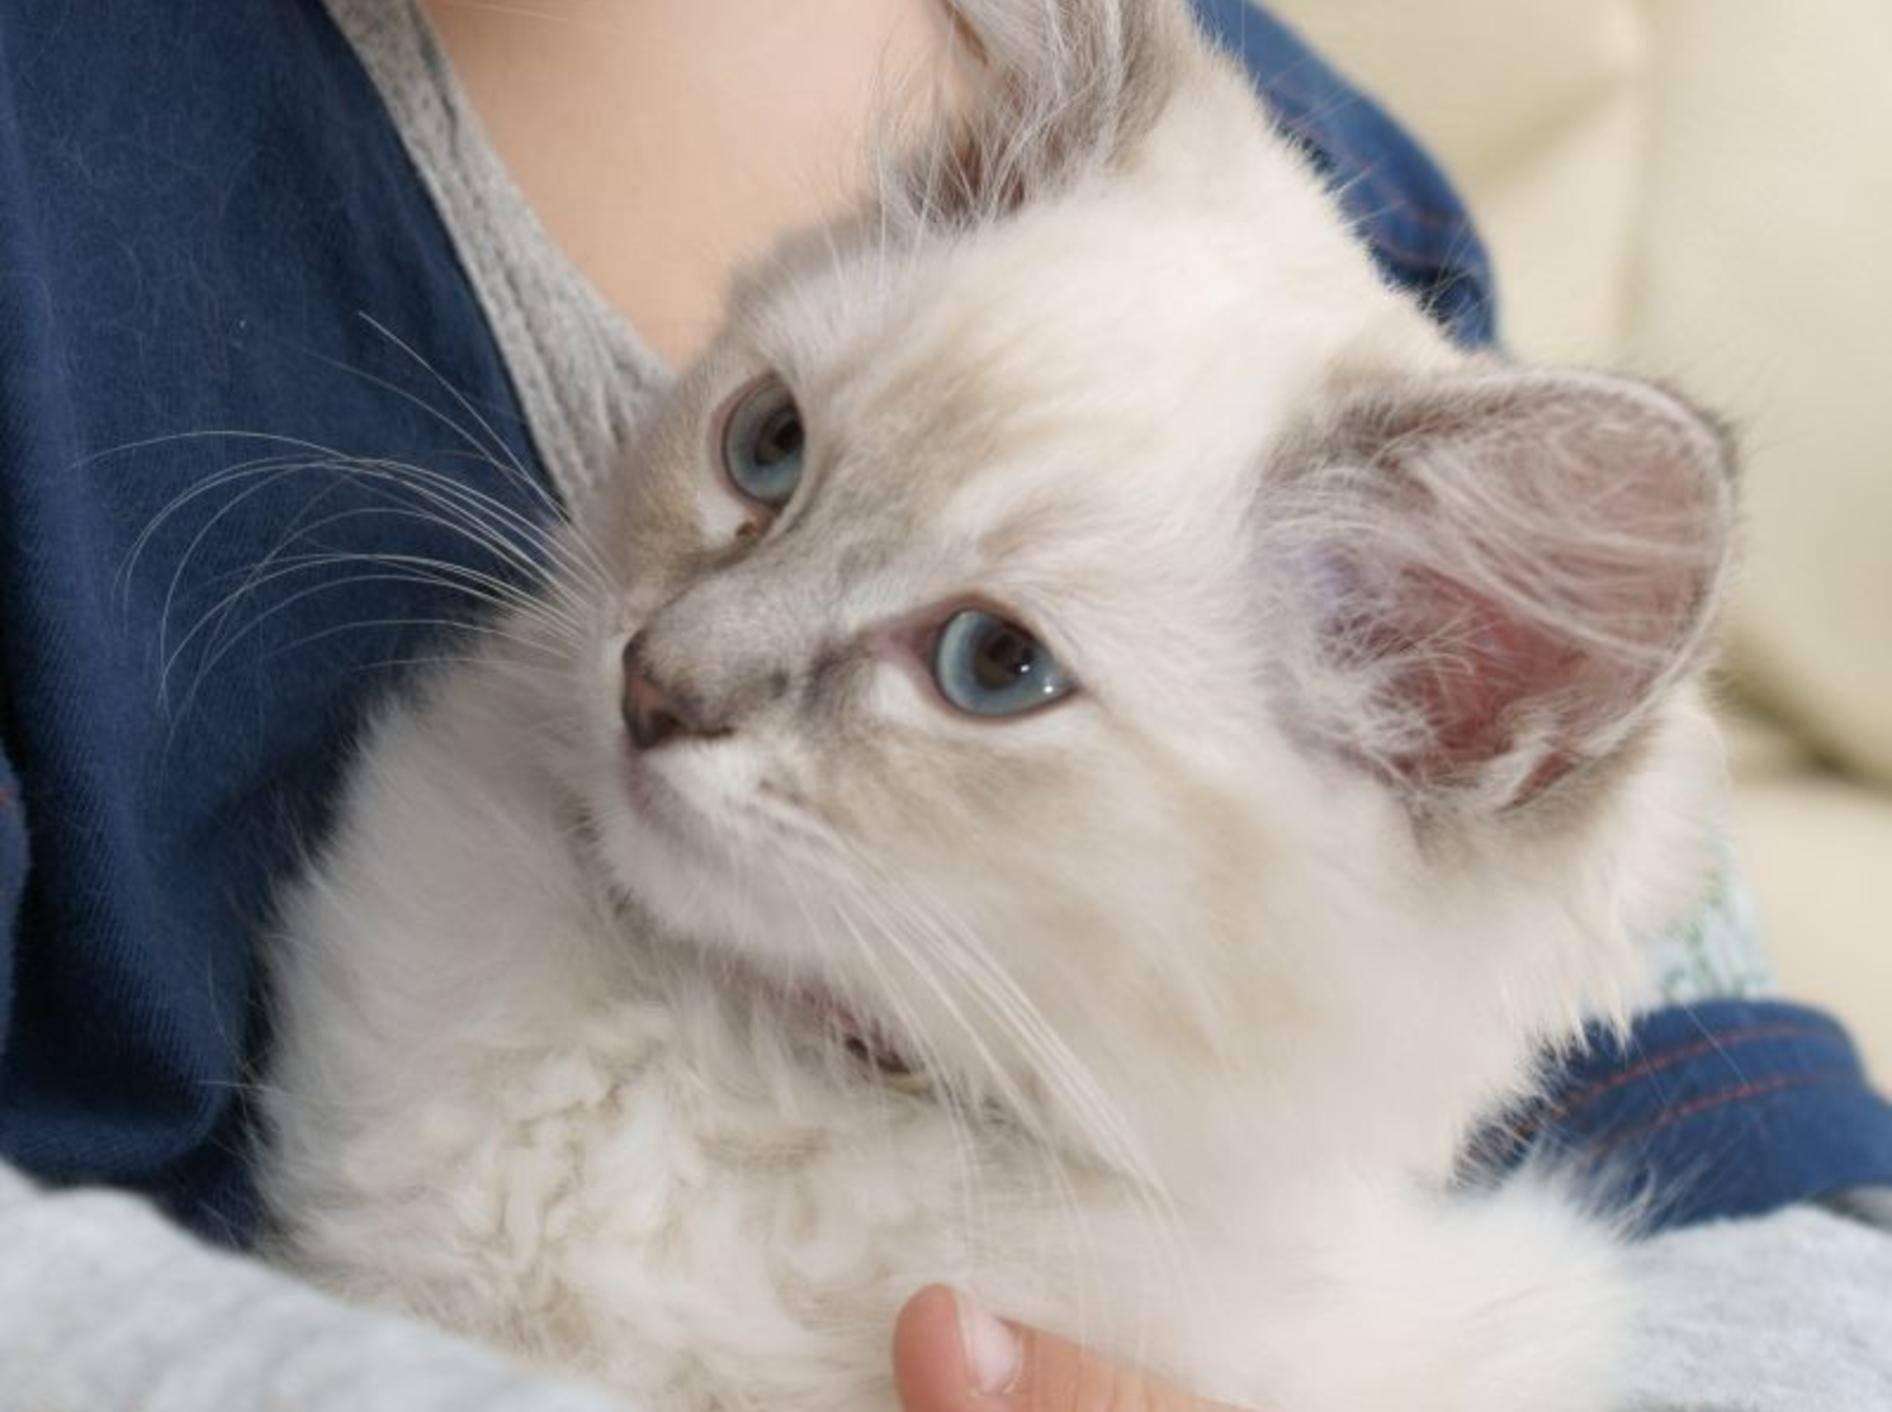 Die liebevolle Ragdoll Katze muss man einfach gern haben! – Bild: Shutterstock / cath5